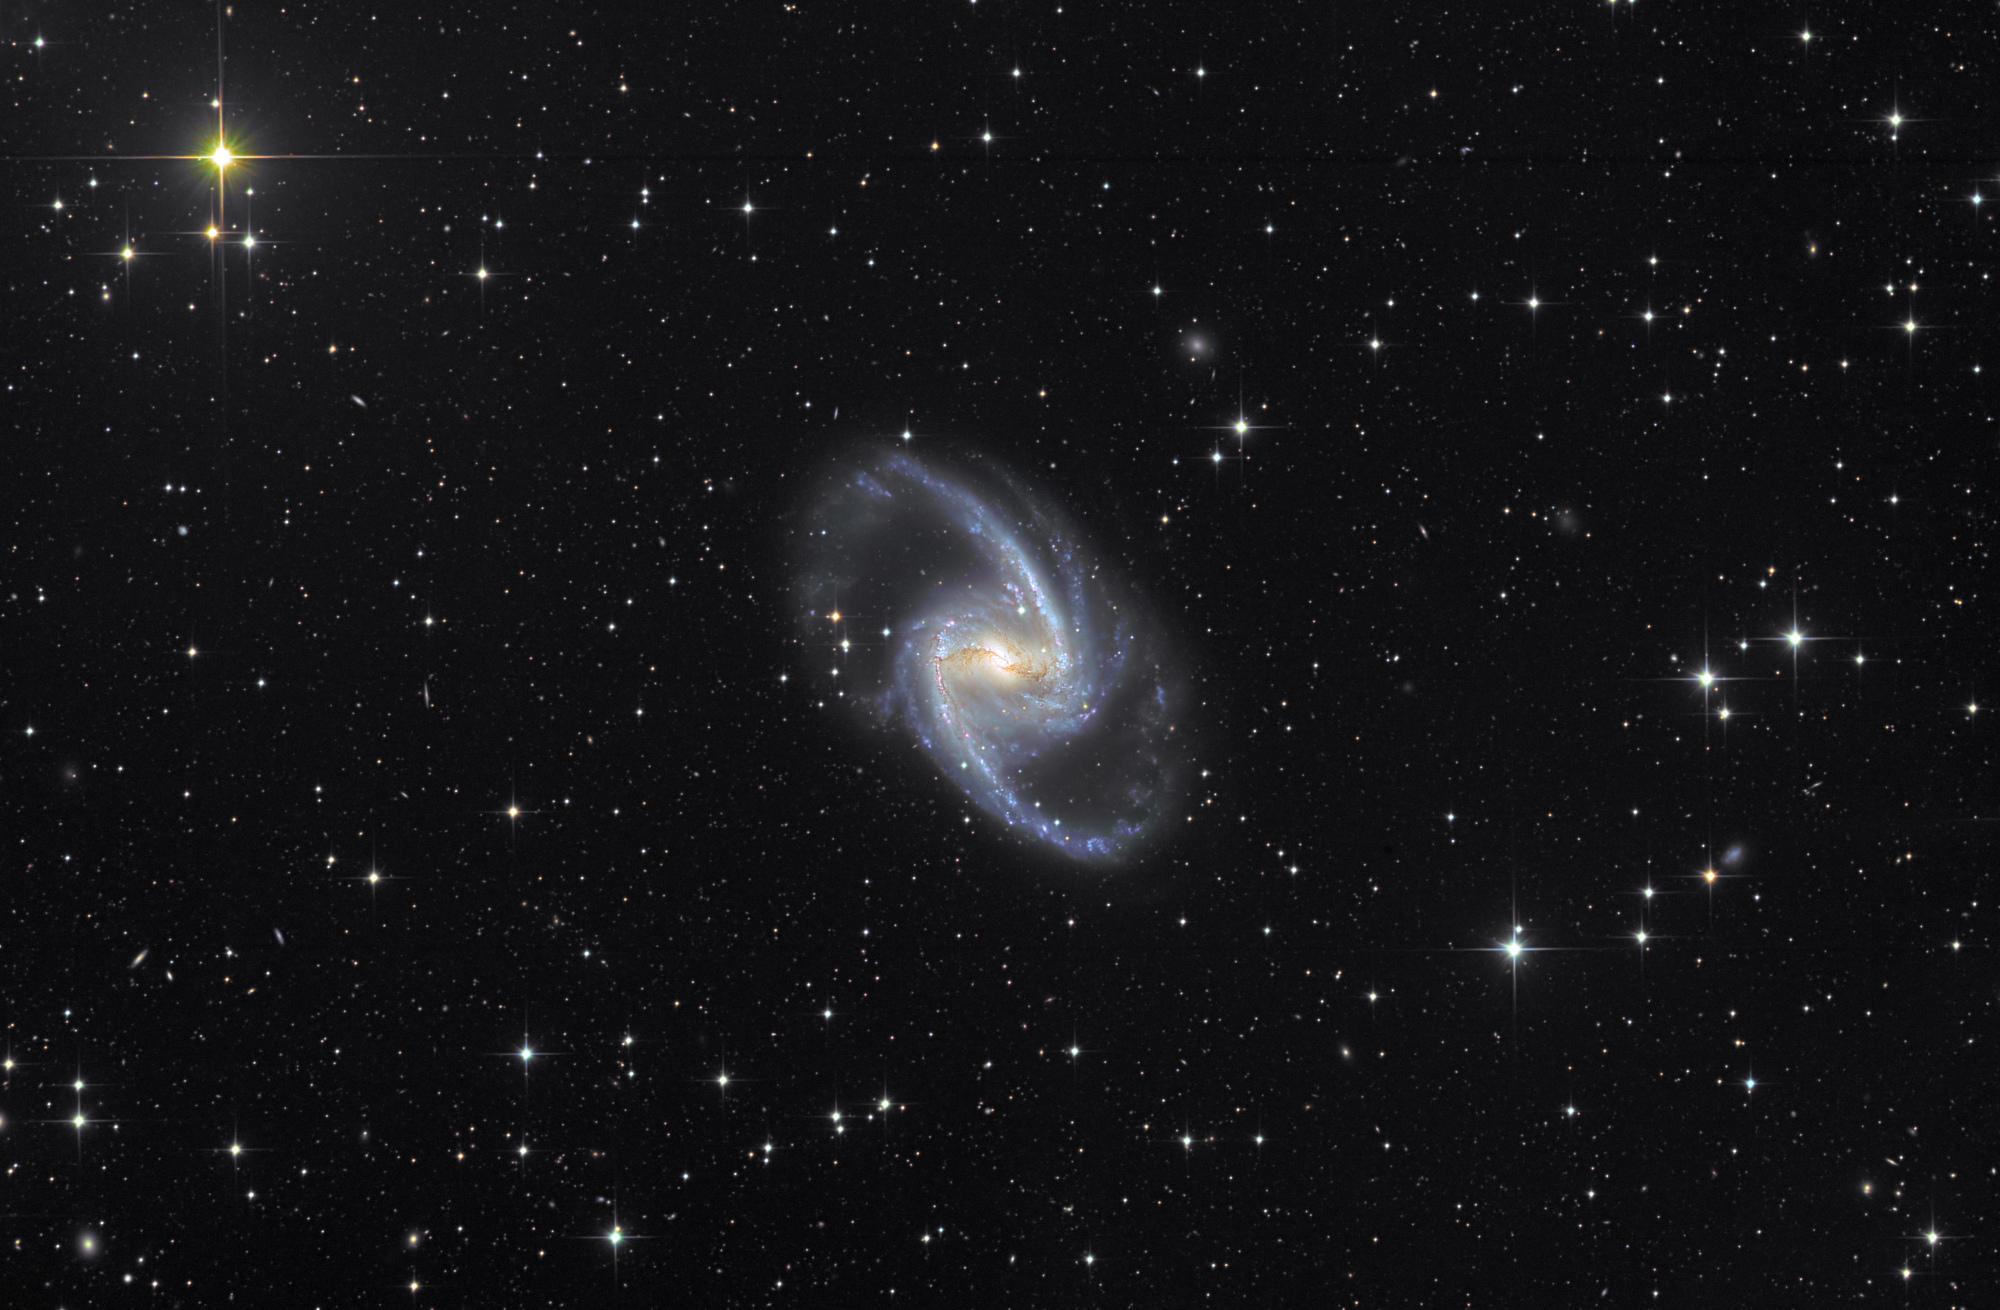 6005e6f3c2e96_NGC1365_C_AB_TACRGB_TG.thumb.jpg.bb241b9217bfe05925171438f4461d38.jpg